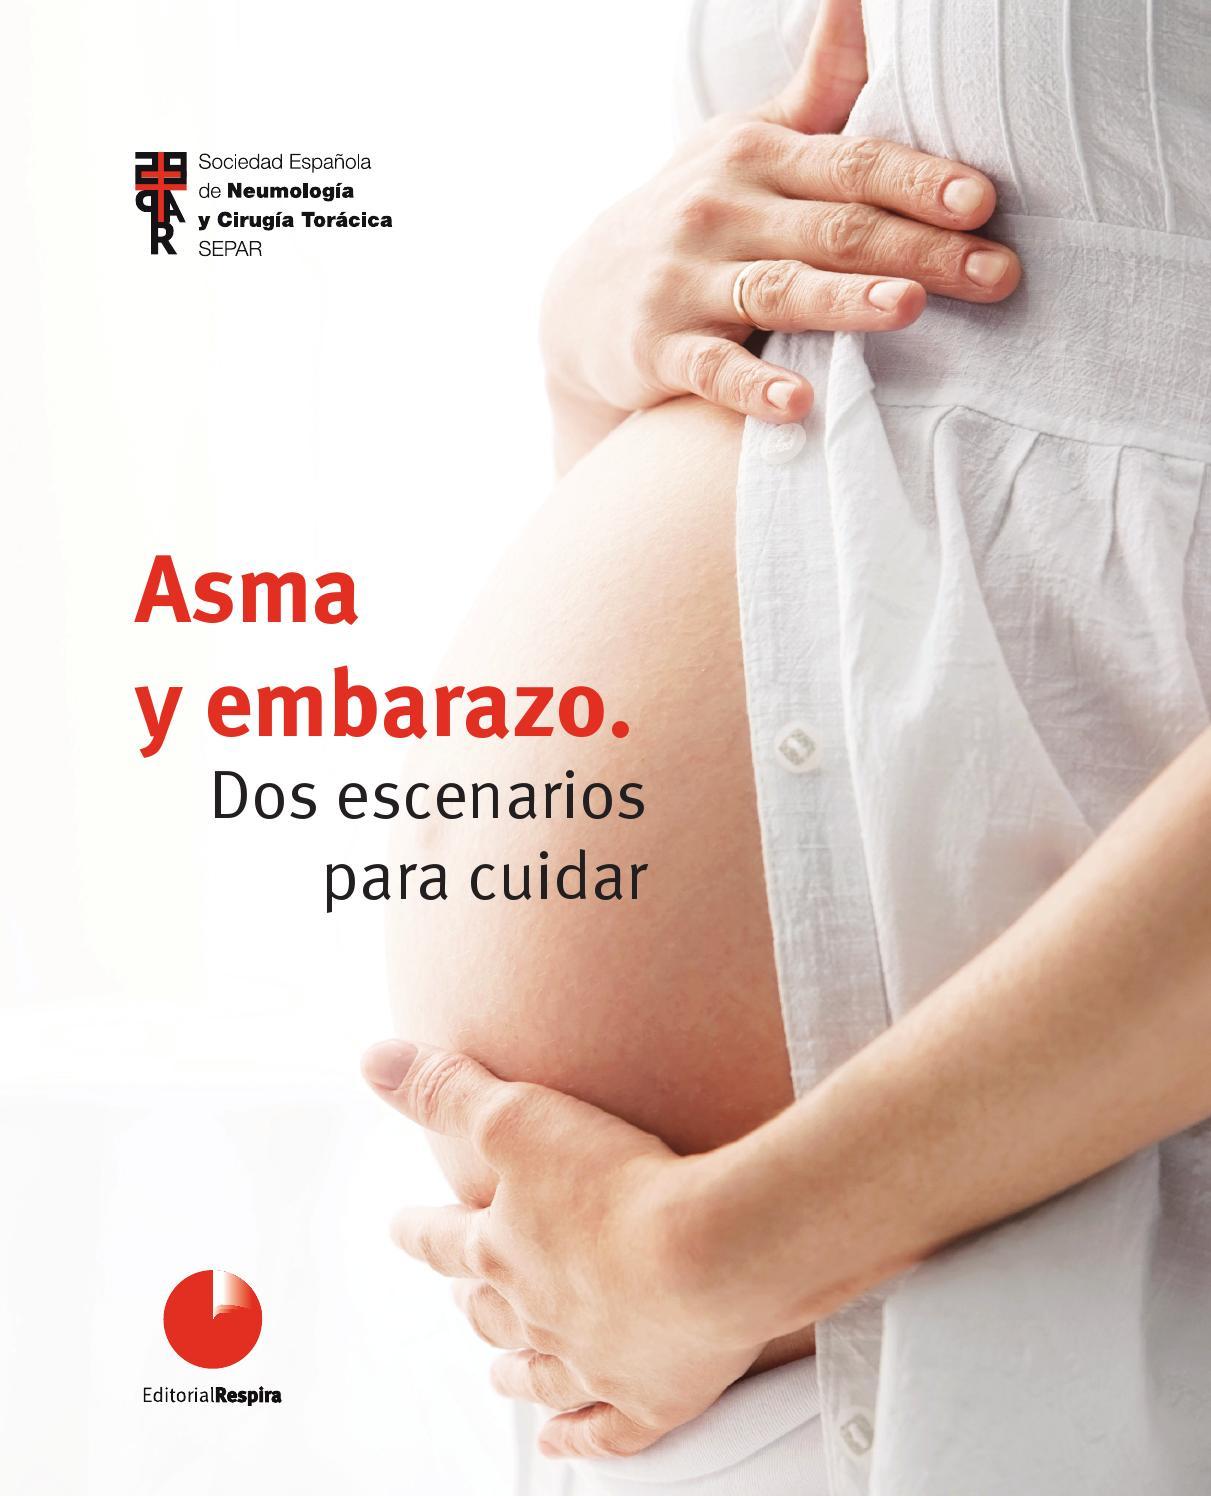 Asma y embarazo. Dos escenarios para cuidar by SEPAR - issuu